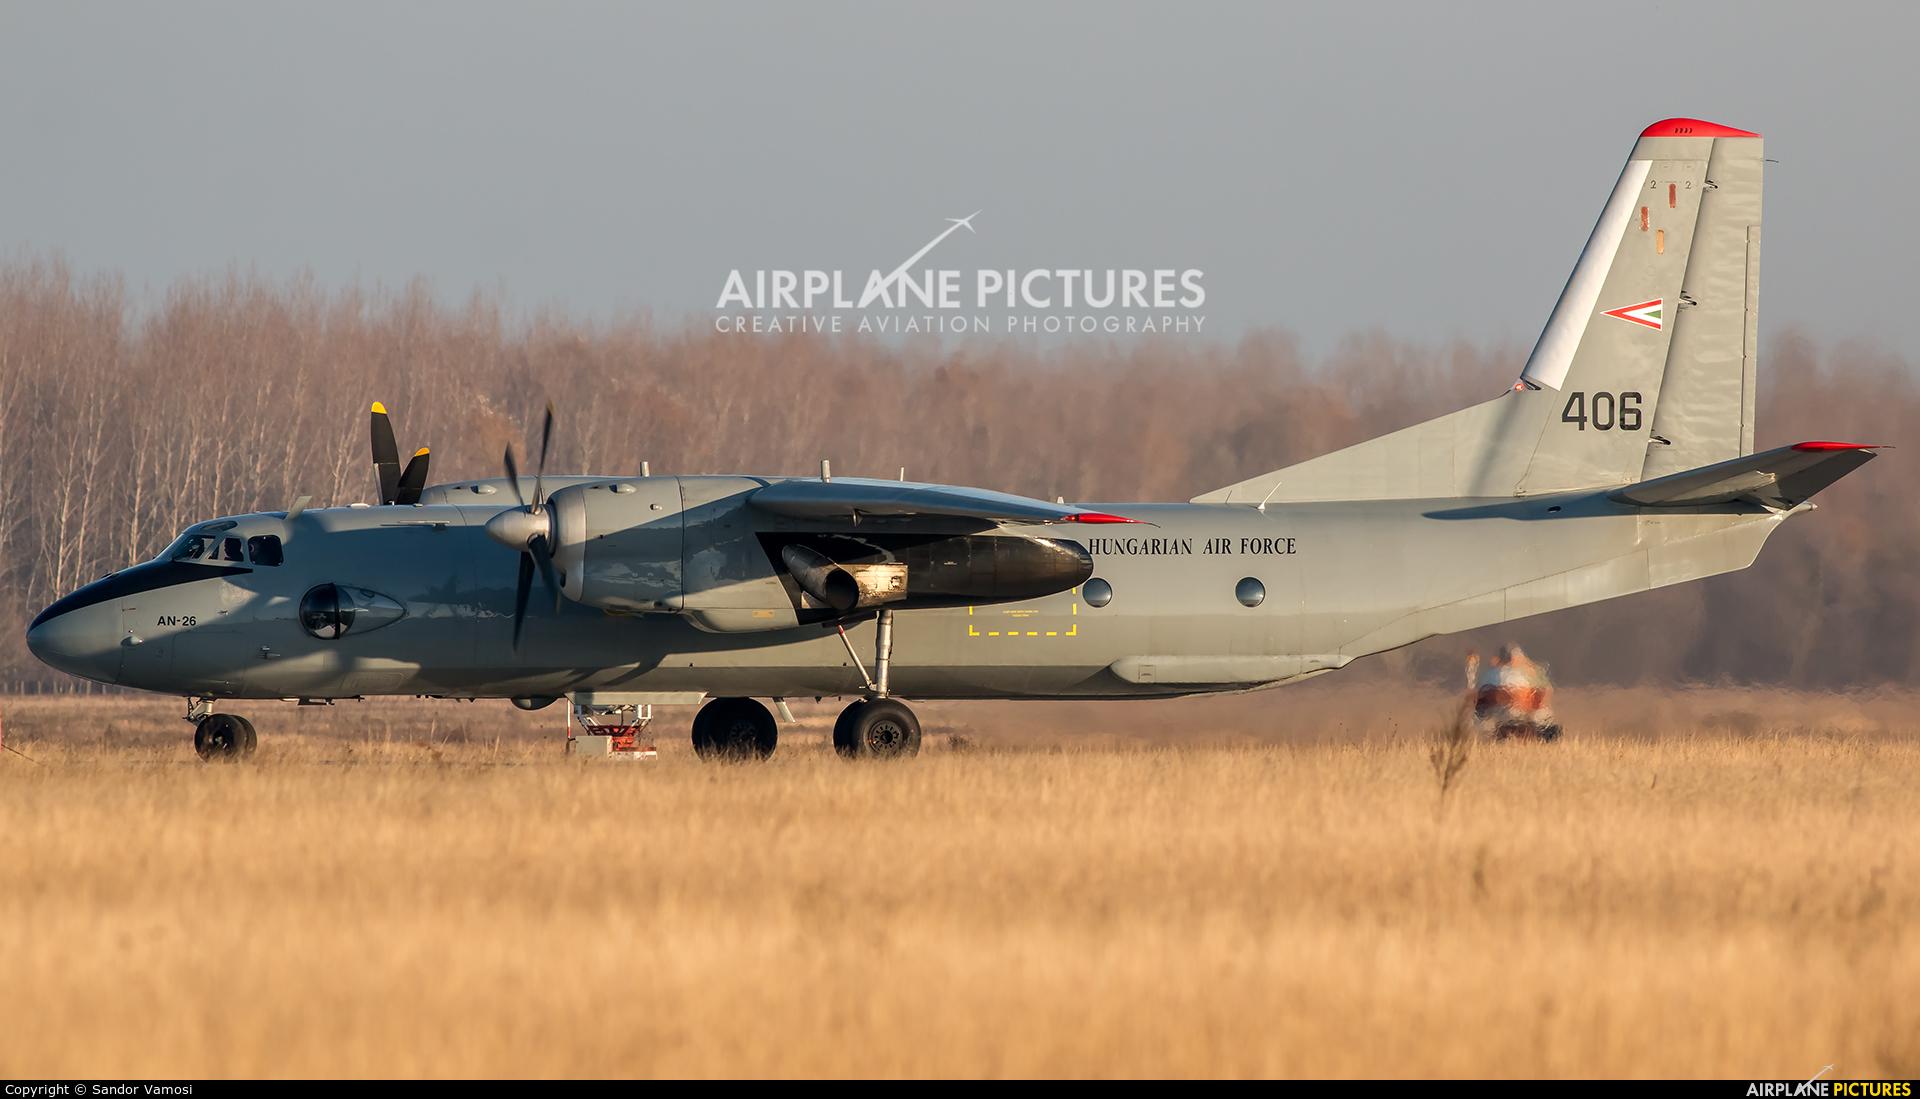 Hungary - Air Force 406 aircraft at Kecskemét